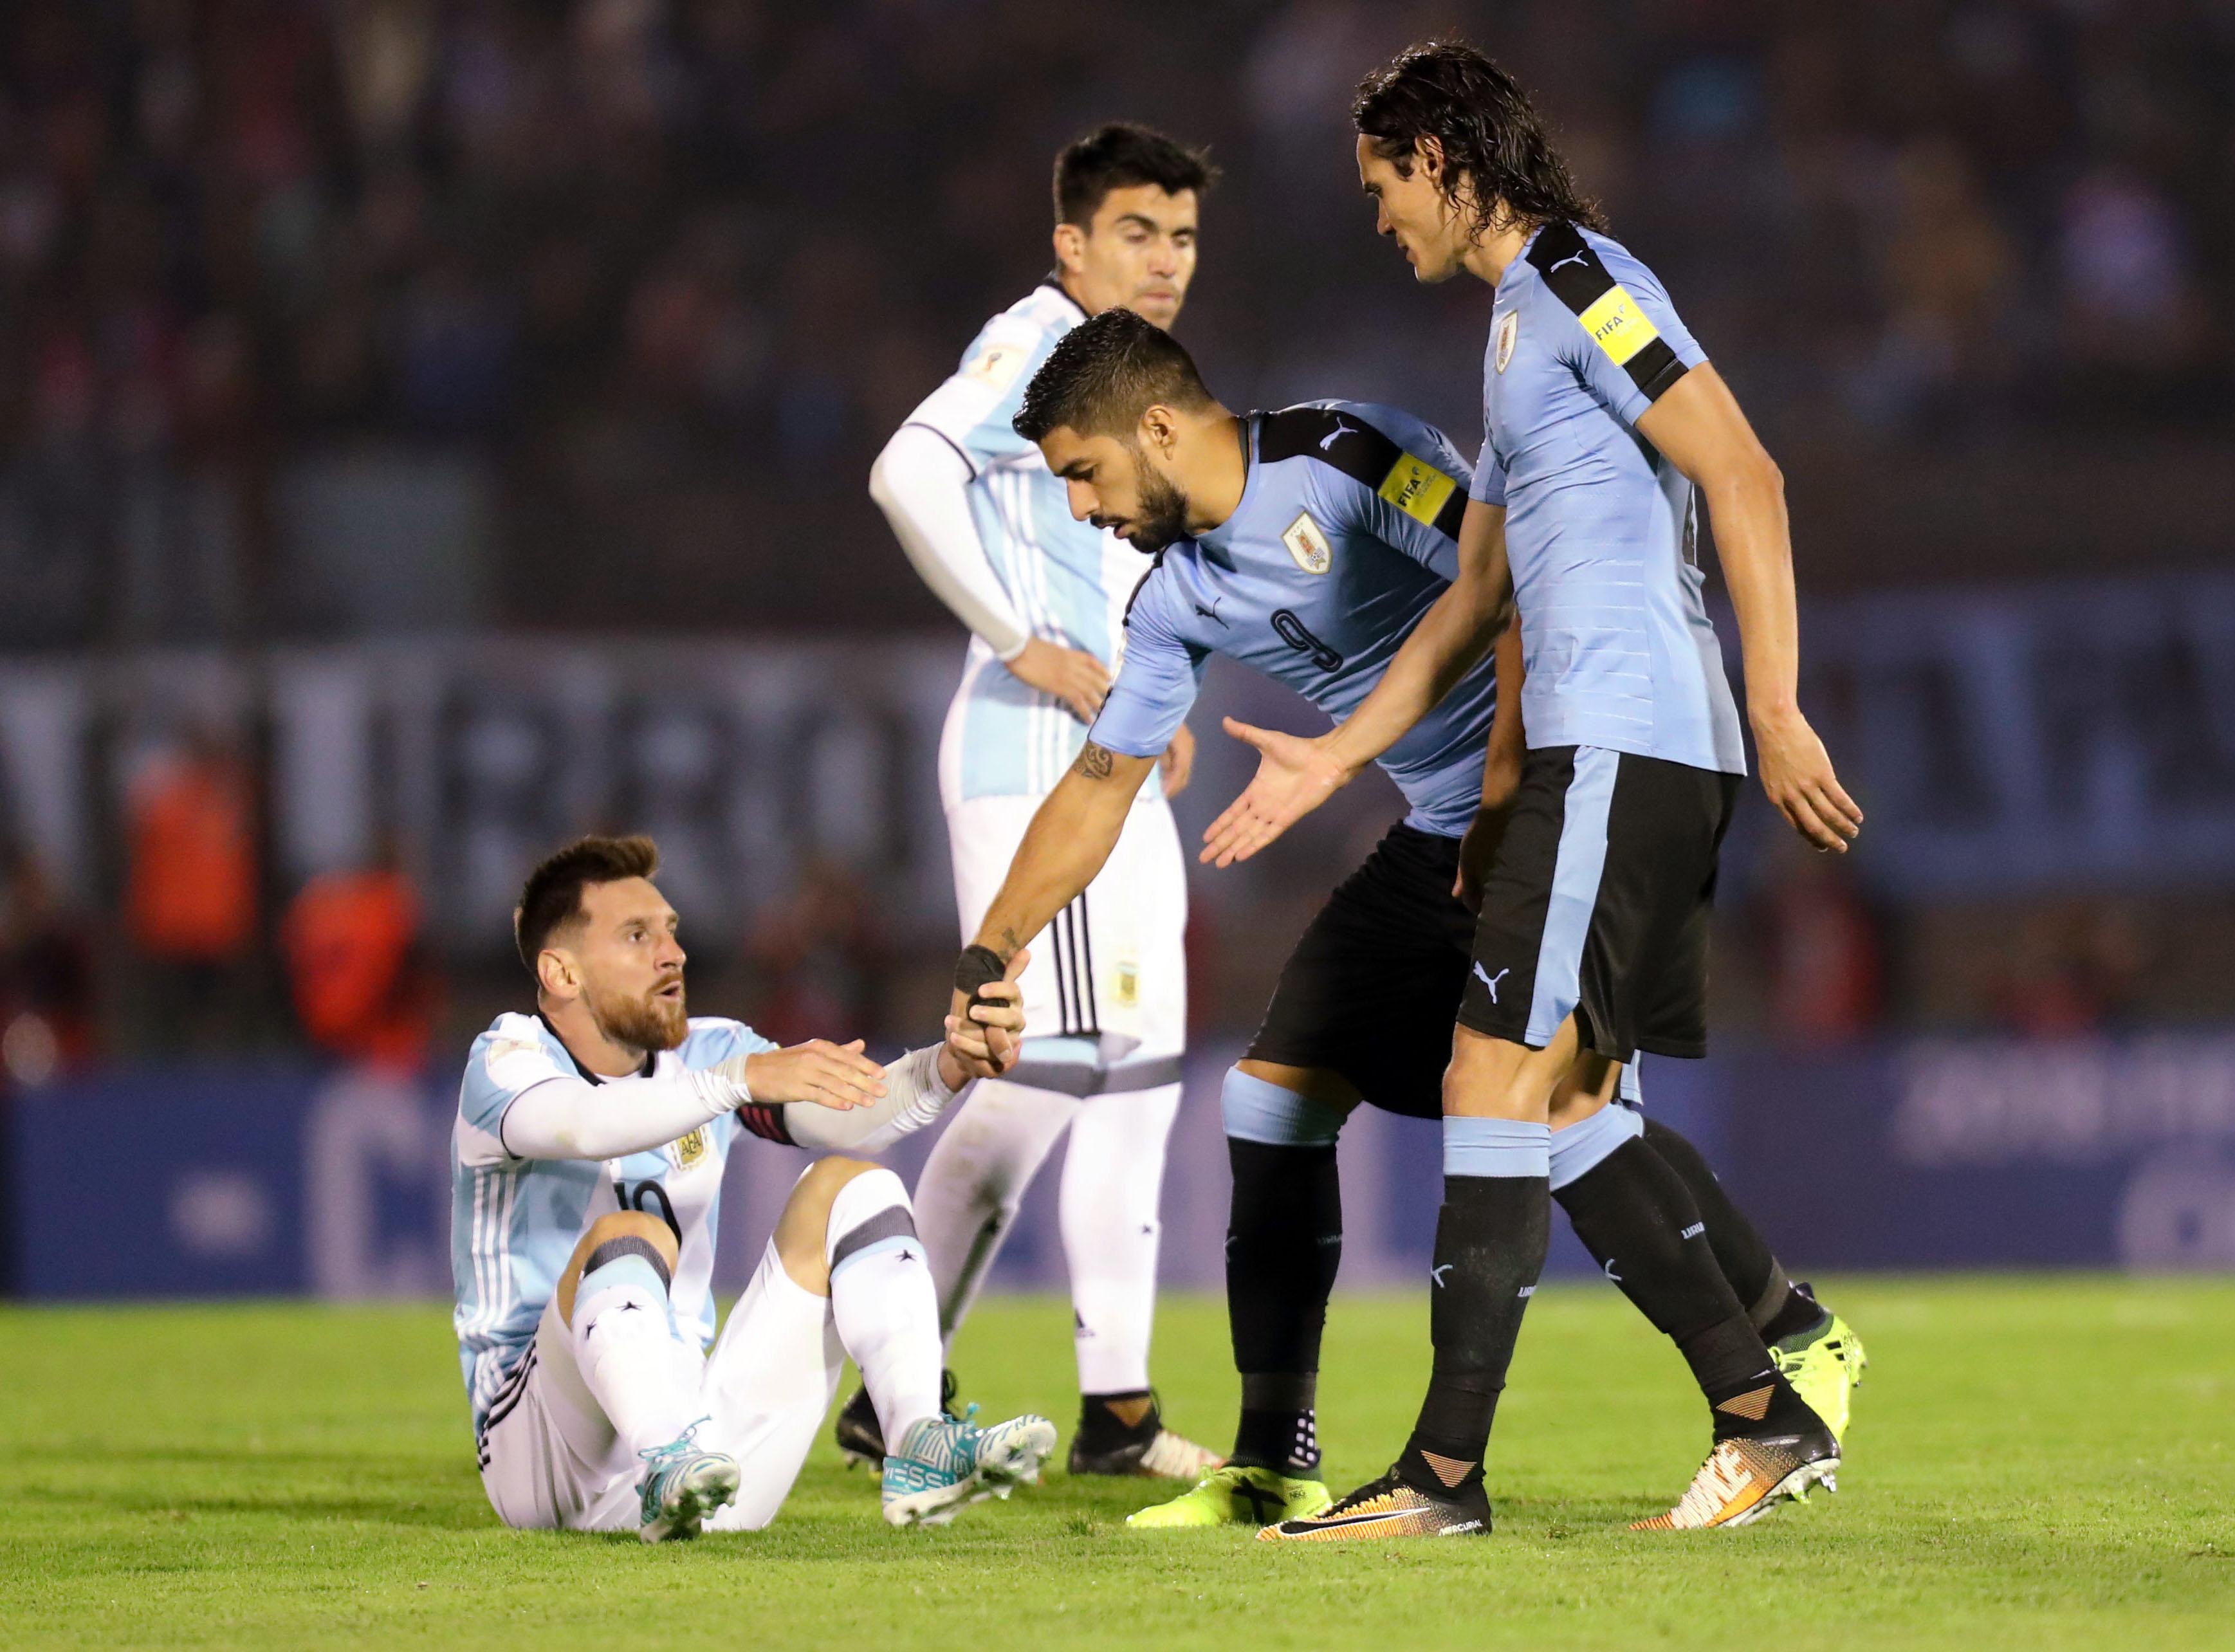 URUGUAY - ARGENTINA